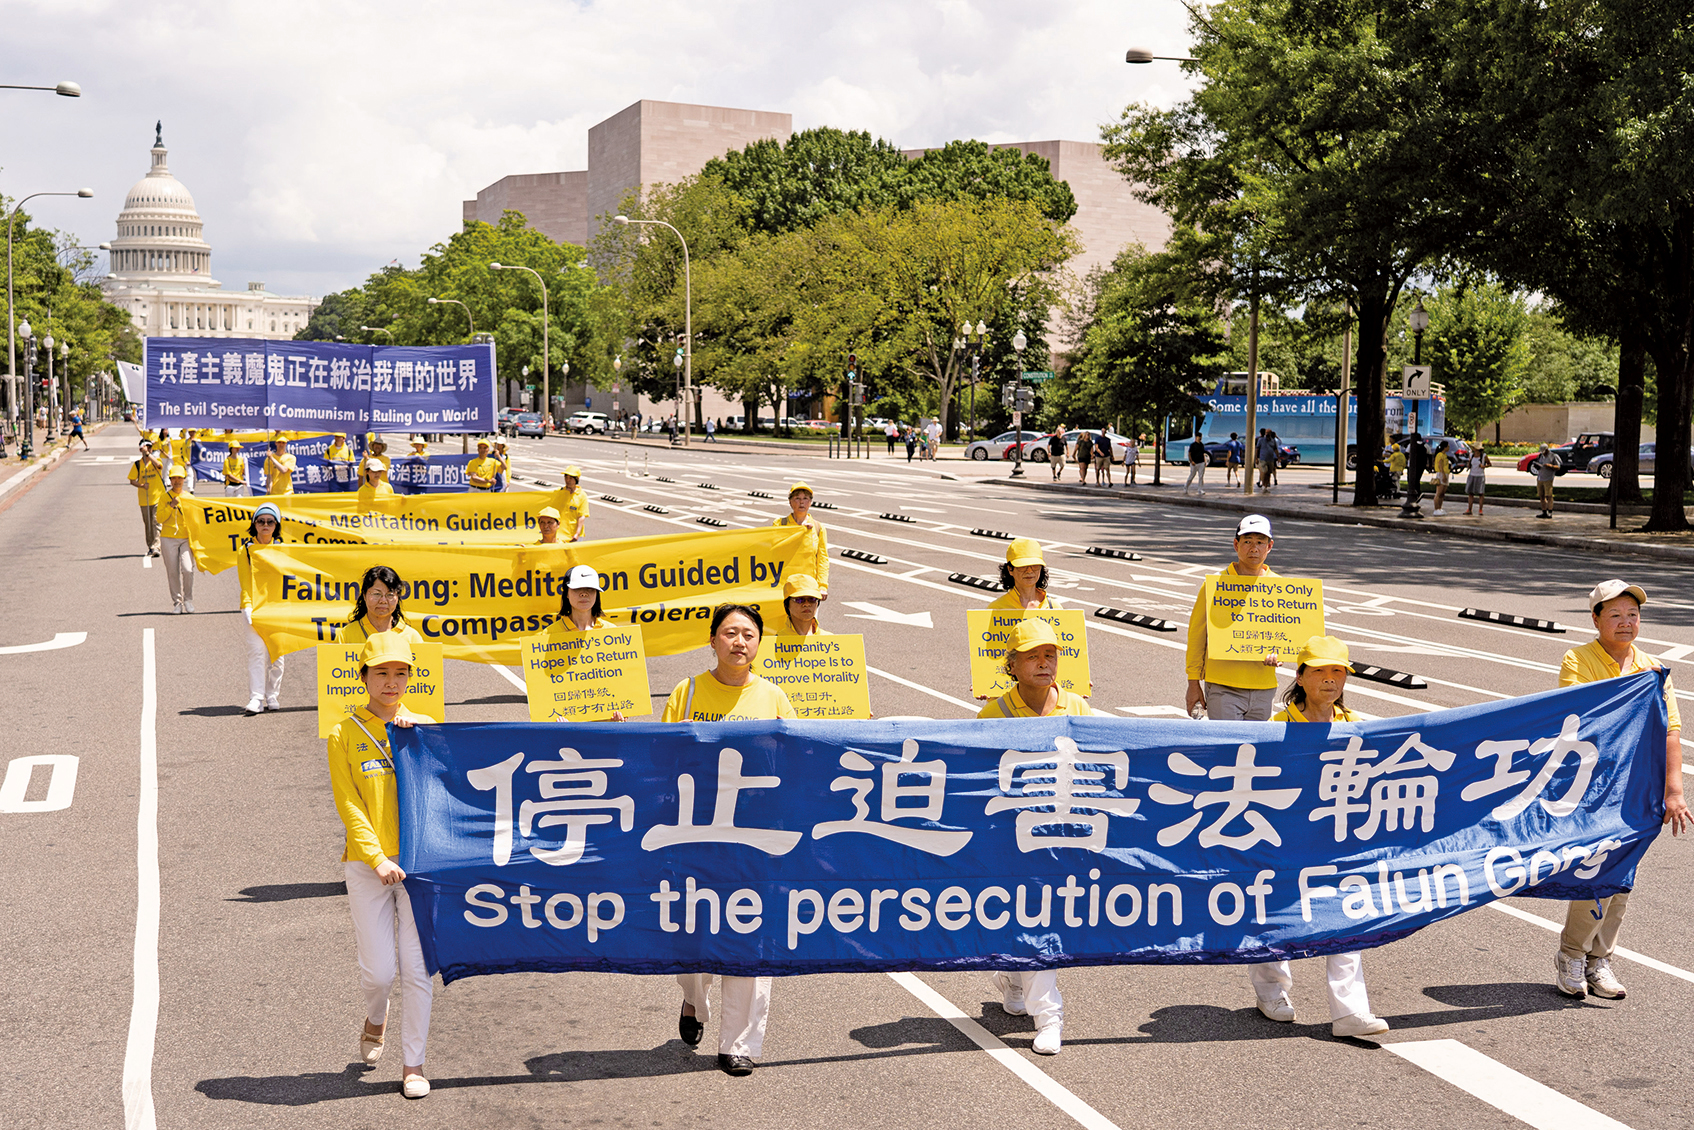 圖為2019年7月18日,法輪功學員聚集在華盛頓DC舉行法輪功反迫害20周年大型集會遊行。(戴兵/大紀元)